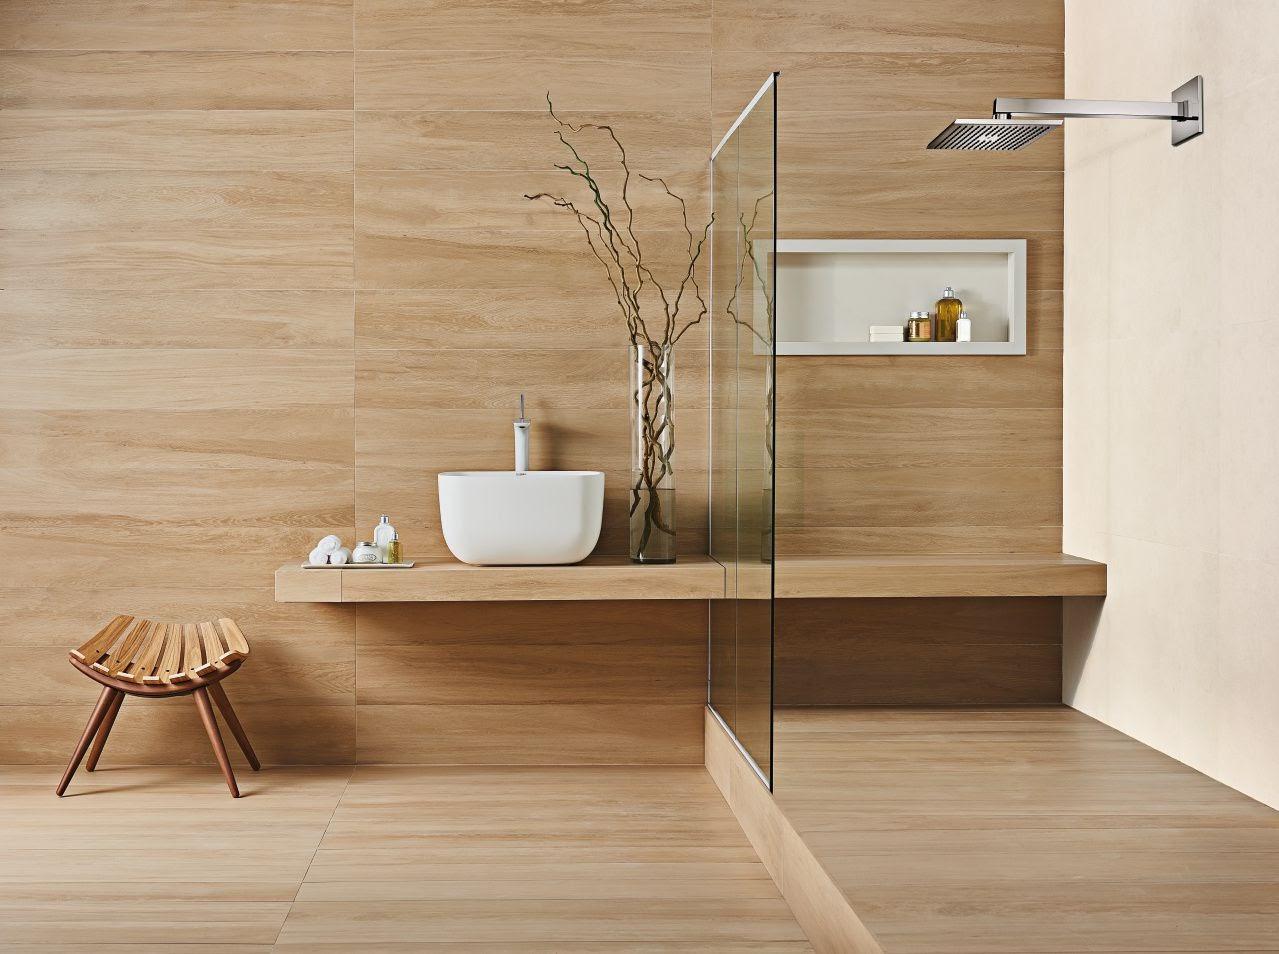 banheiro porcelanato madeira